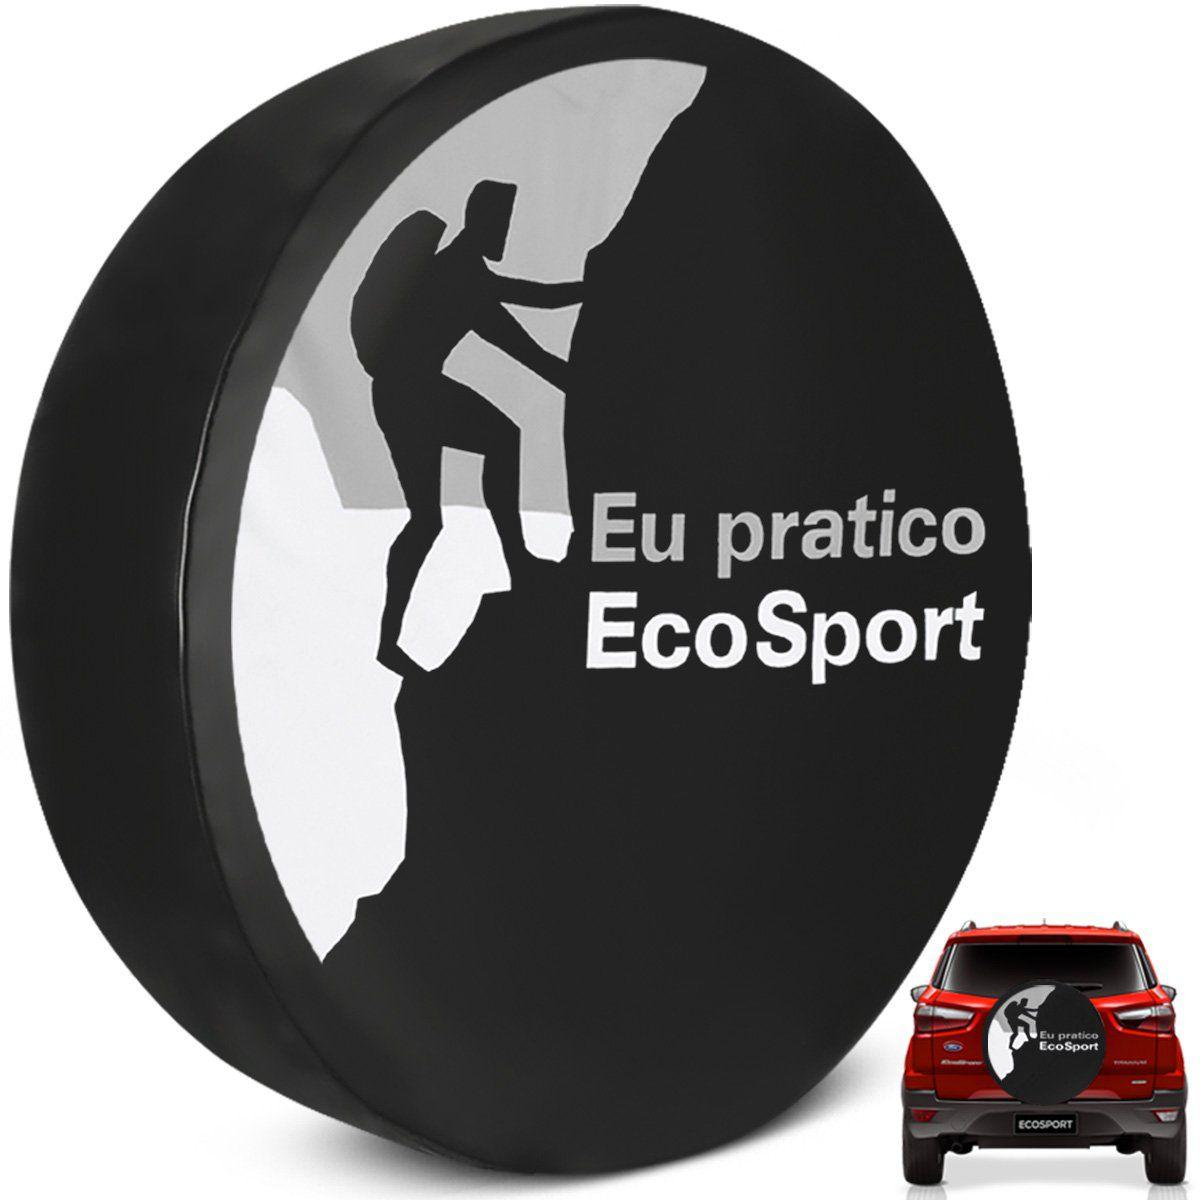 Capa de Estepe Eu Pratico Ecosport Prata 2003 a 2019 Cadeado